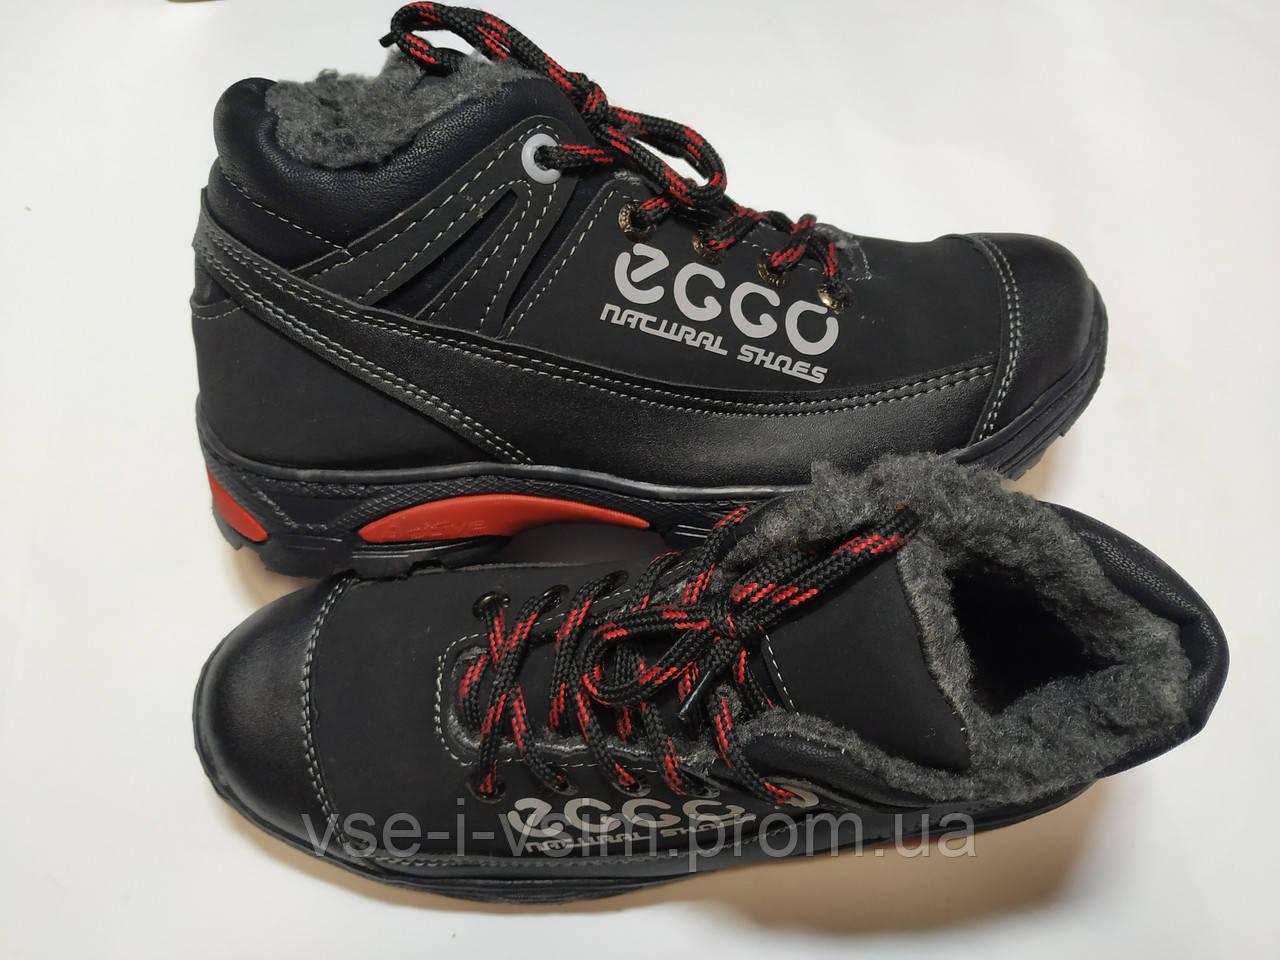 Ботинки Мужские теплые 41 р 27 см